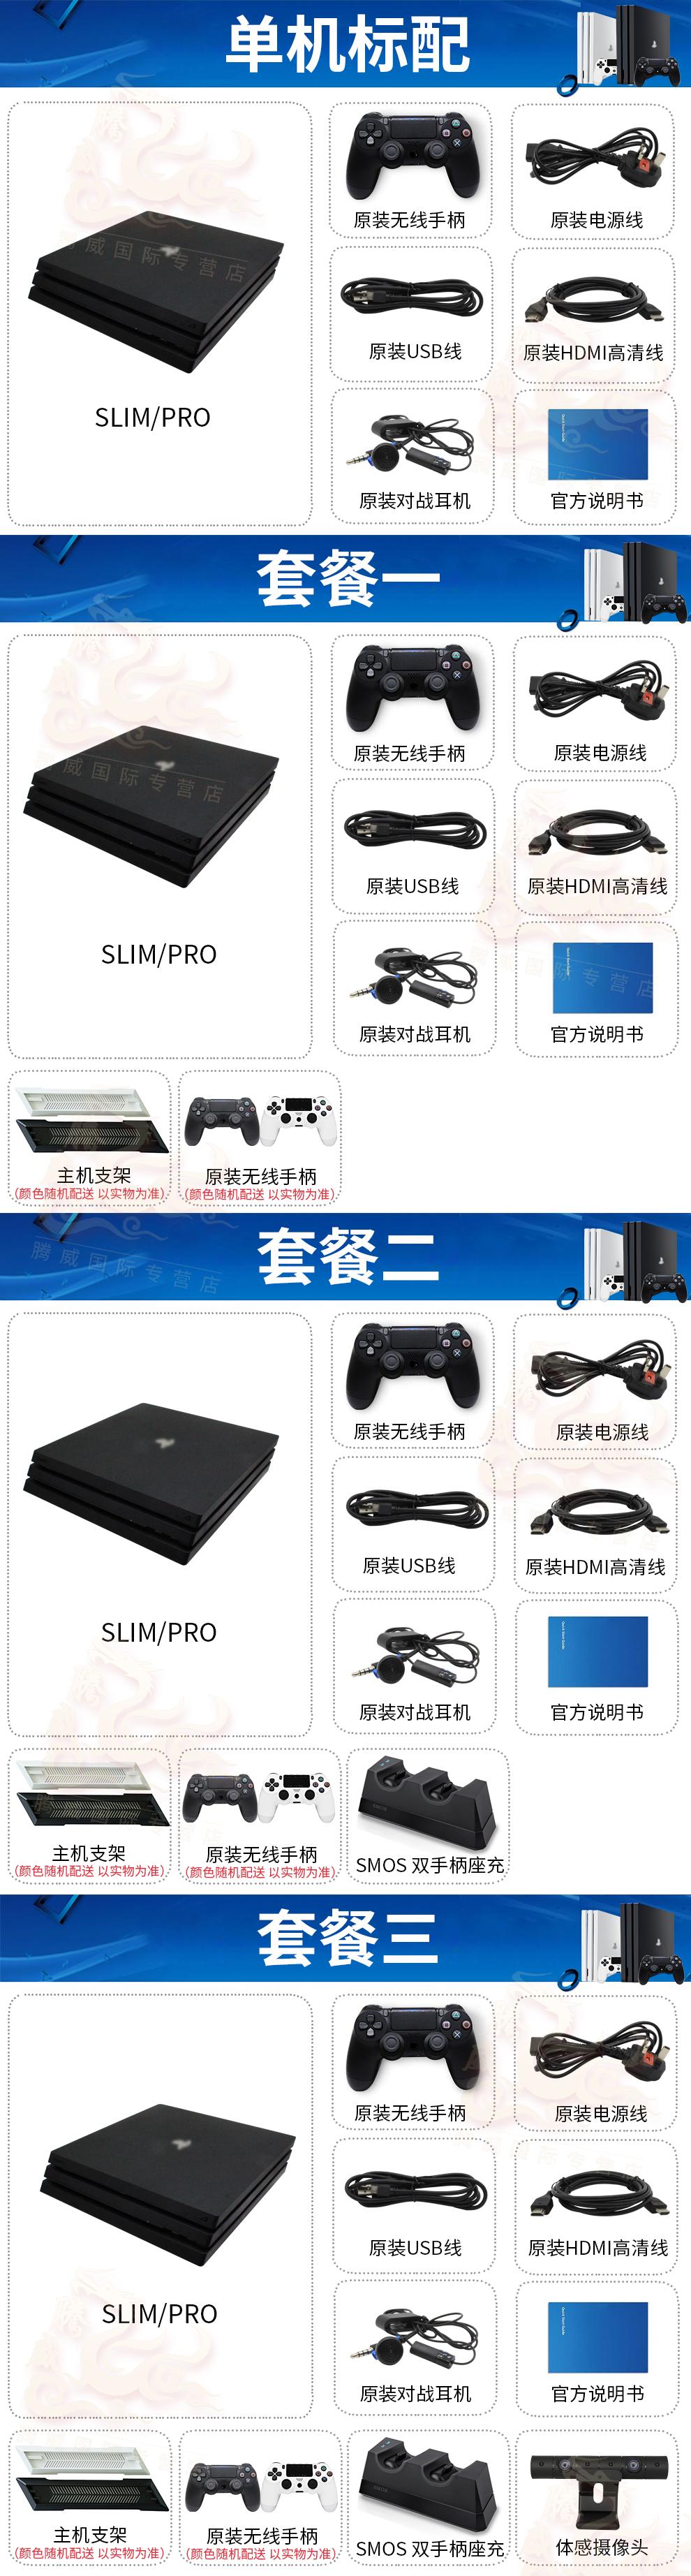 遊戲機索尼(SONY)  Pro/Slim 家用體感游戲機 支持PS4 ps5游戲機 日/港版VR設備  港版 PRO 1TB黑色(給轉接頭) 官方標配